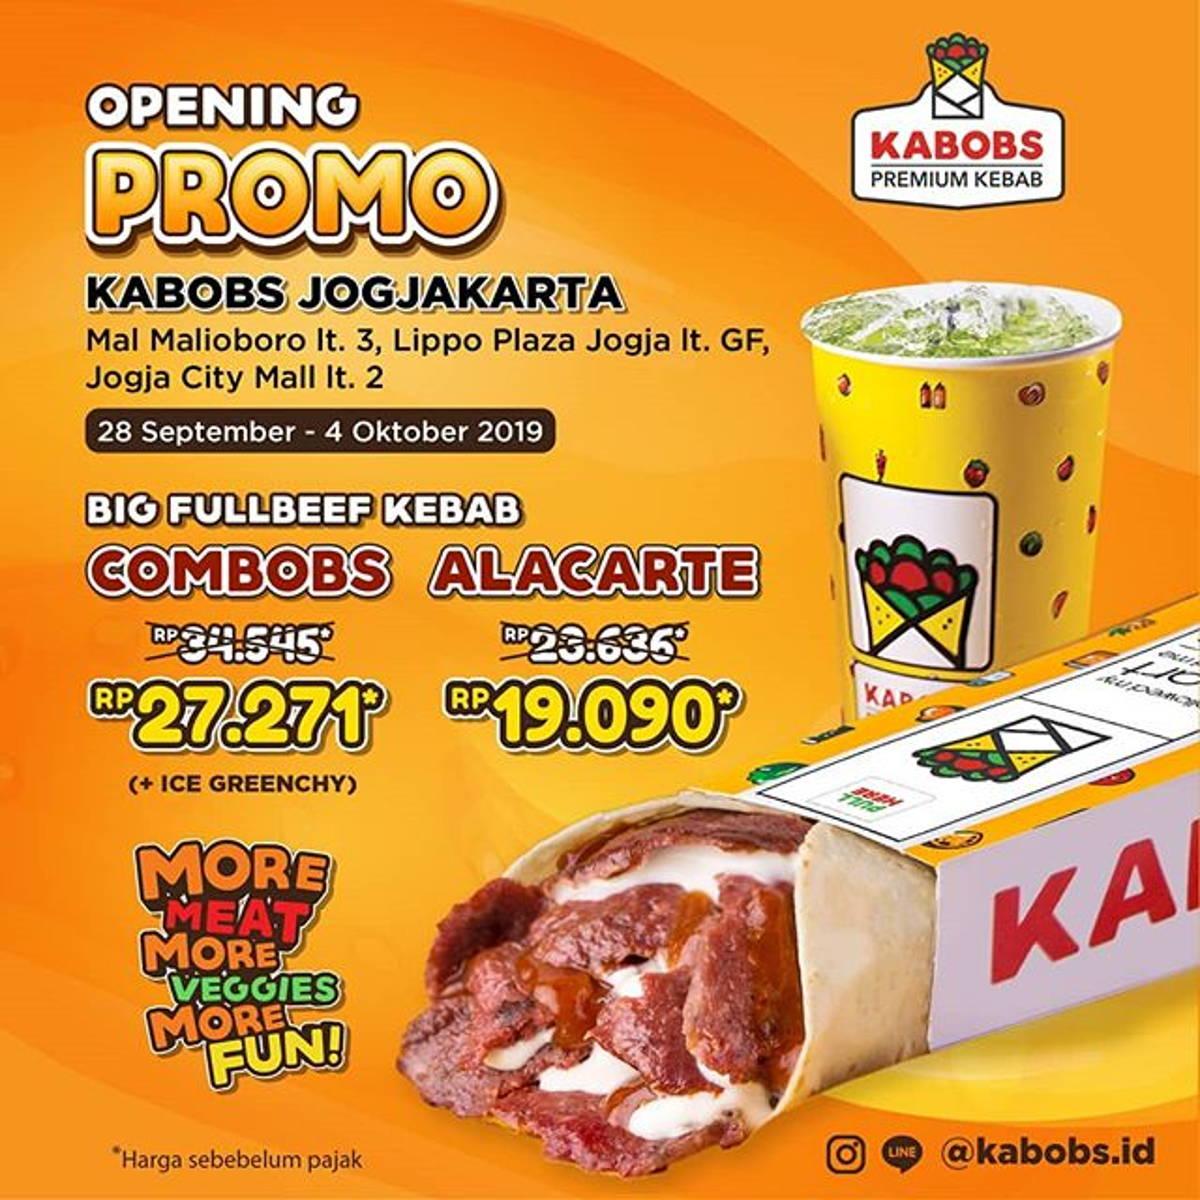 Katalog Promo: KABOBS Jogjakarta: Opening PROMO Harga Spesial BIG FULLBEEF KEBAB Cuma Rp 19.090* - 1